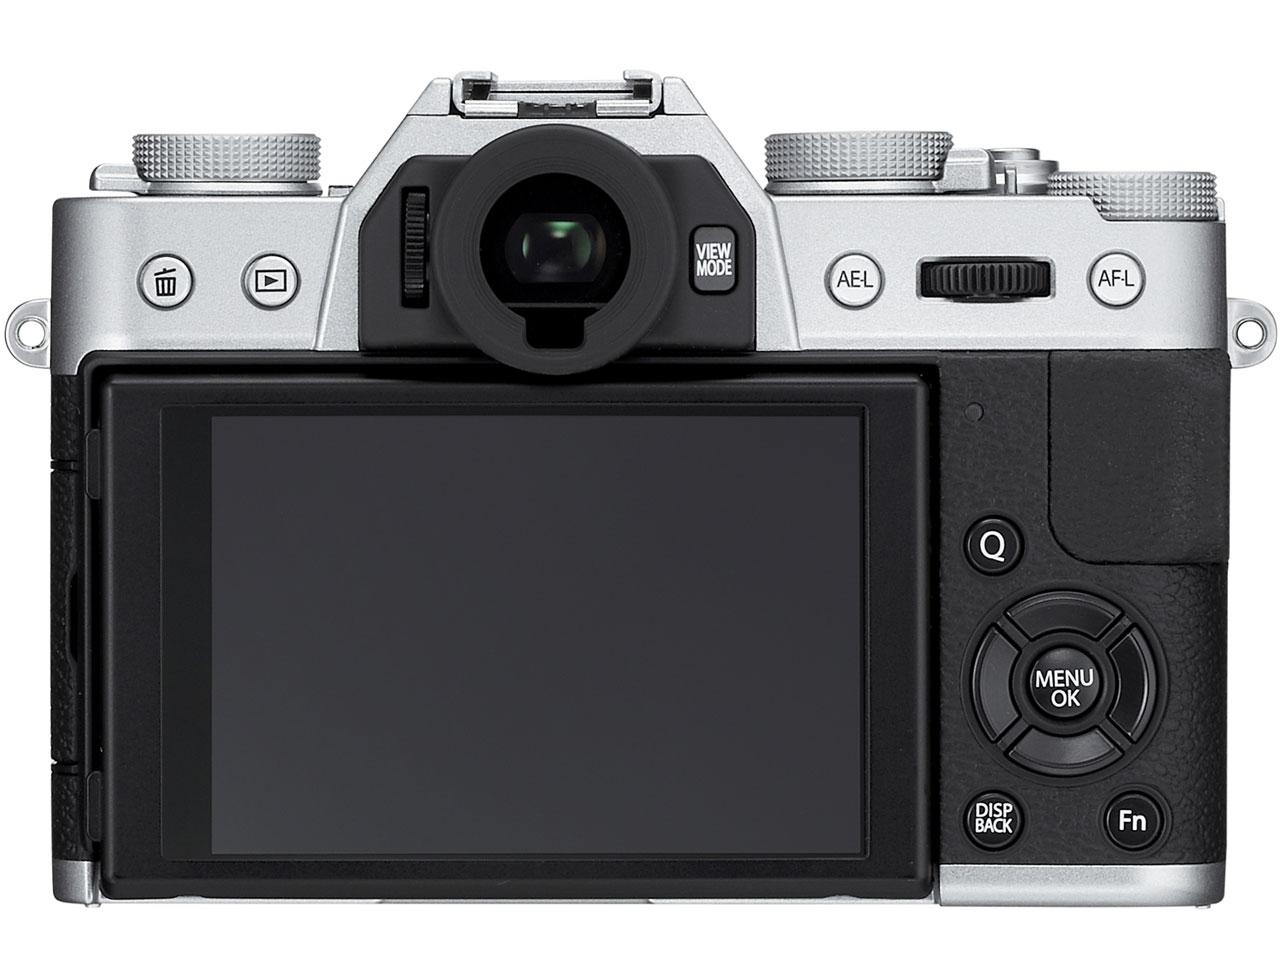 『本体 背面』 FUJIFILM X-T10 レンズキット [シルバー] の製品画像